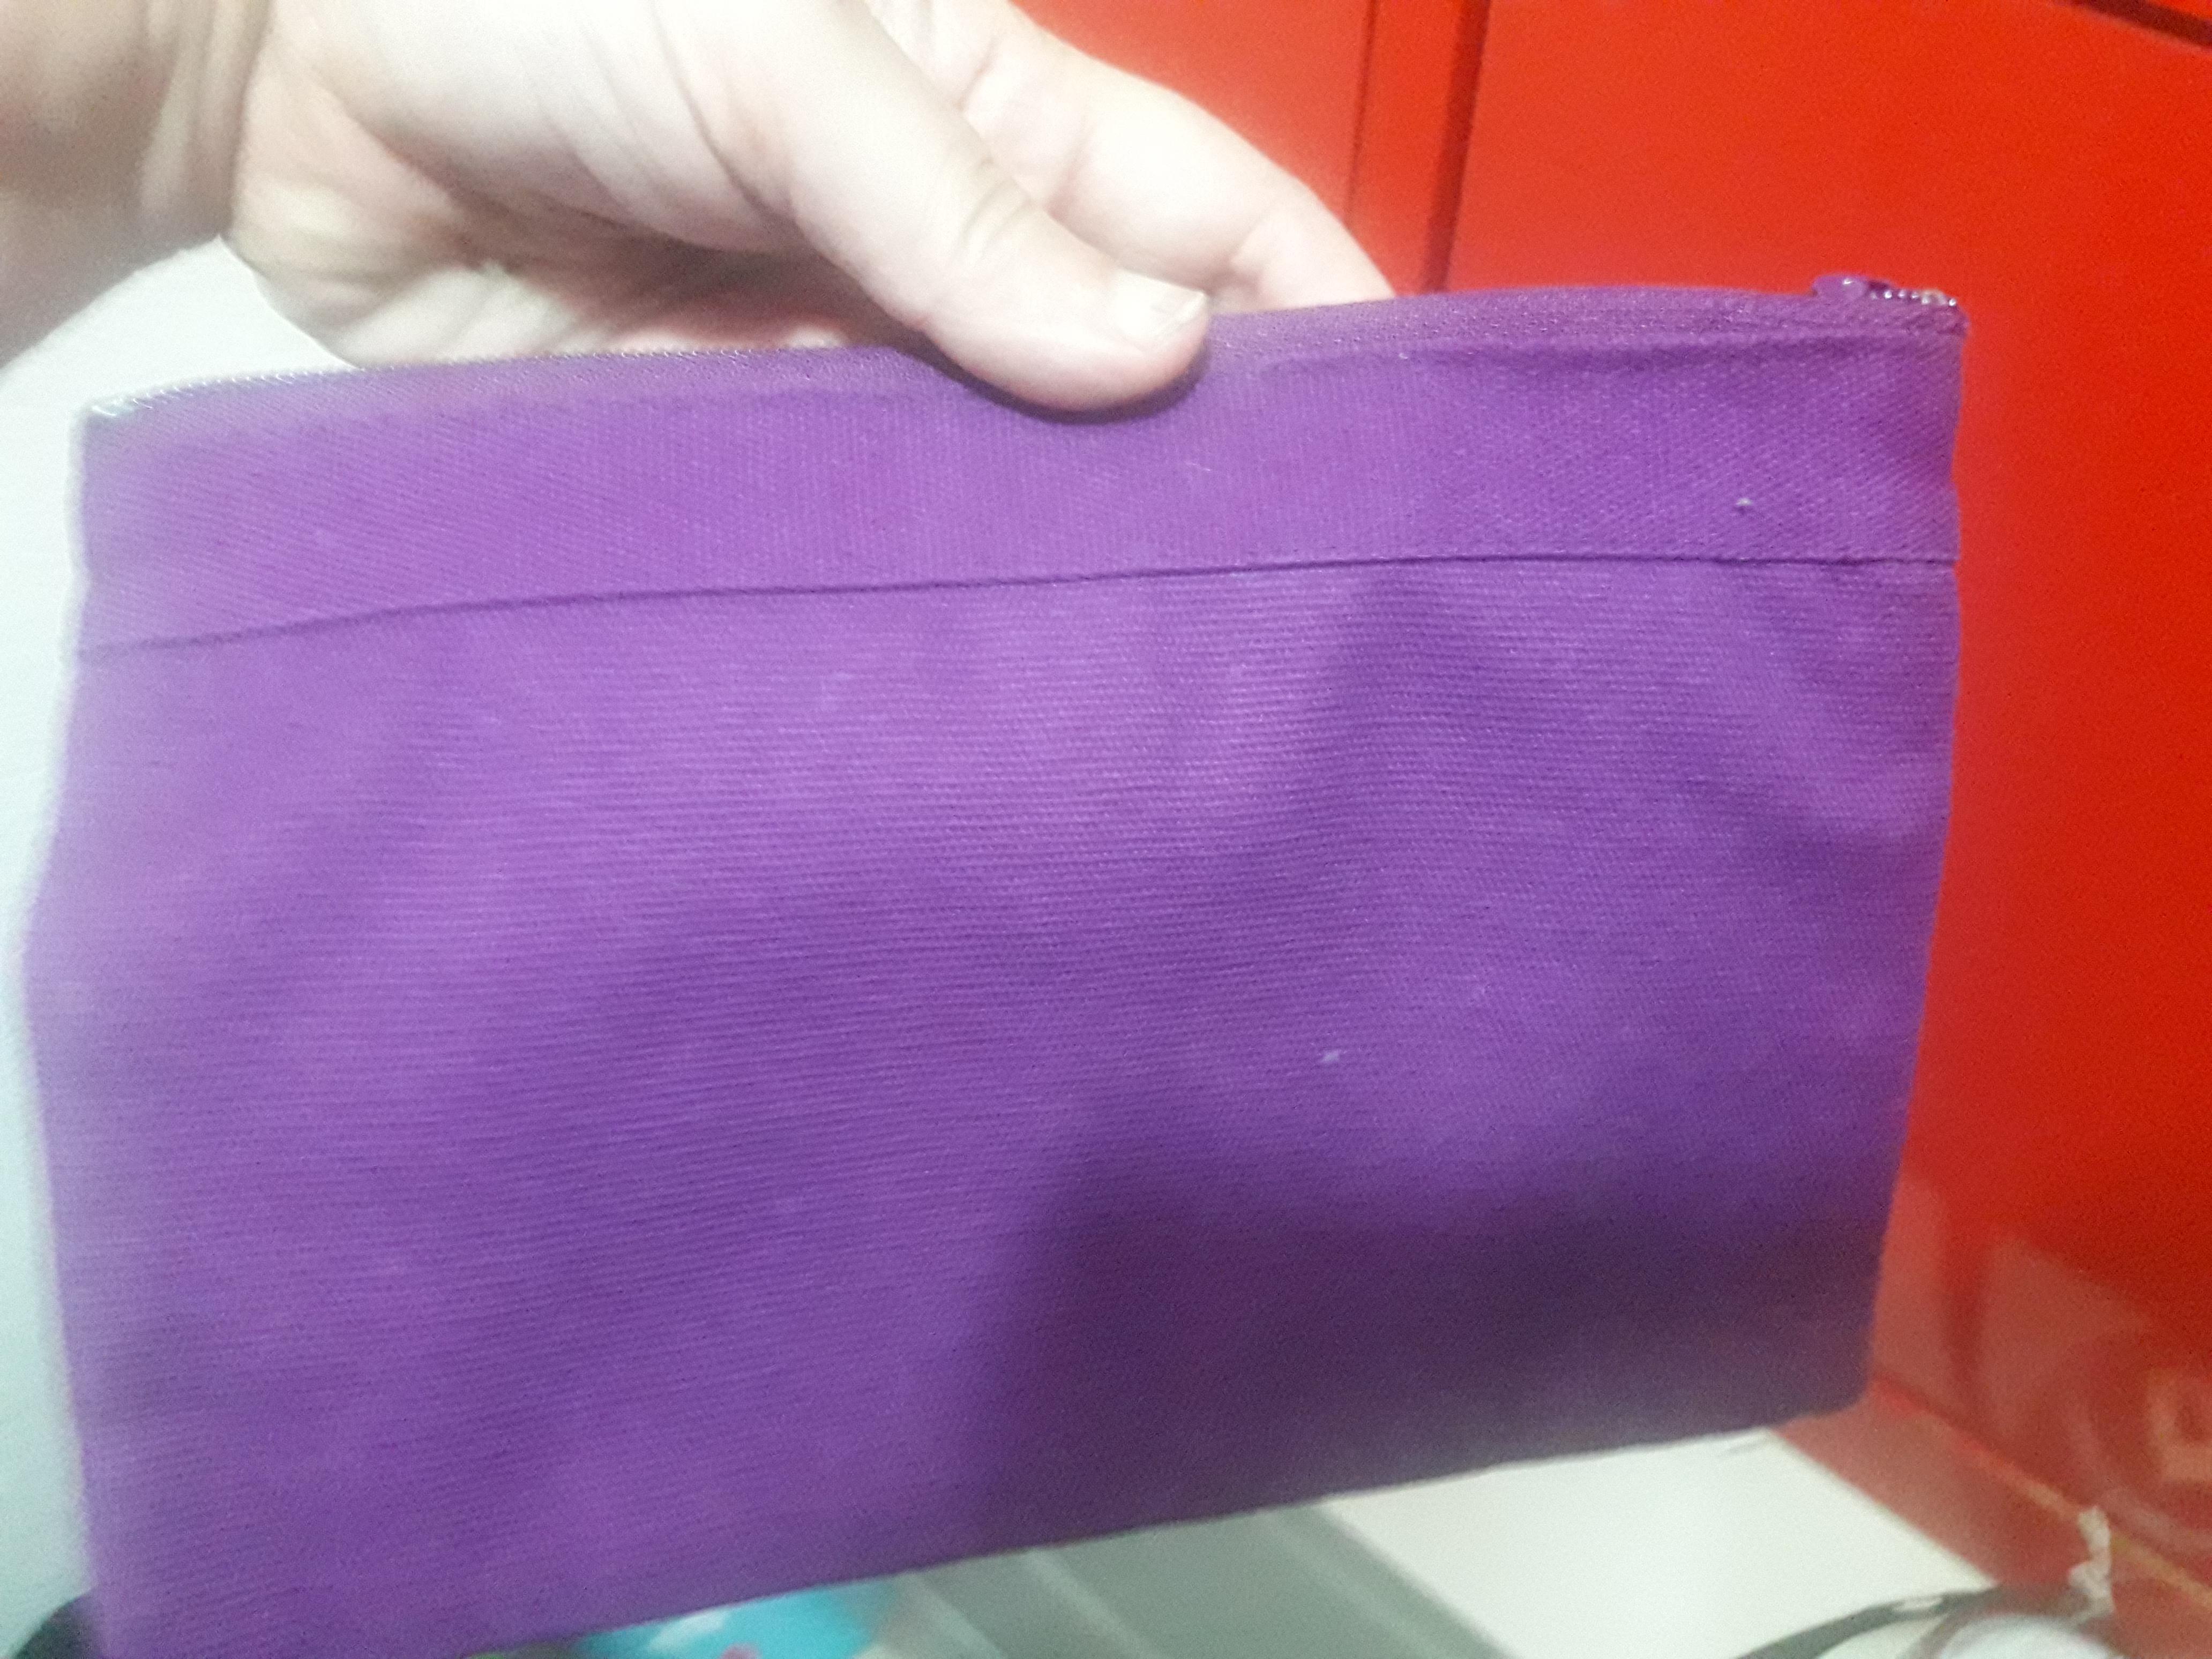 troc de troc trousse violette image 1